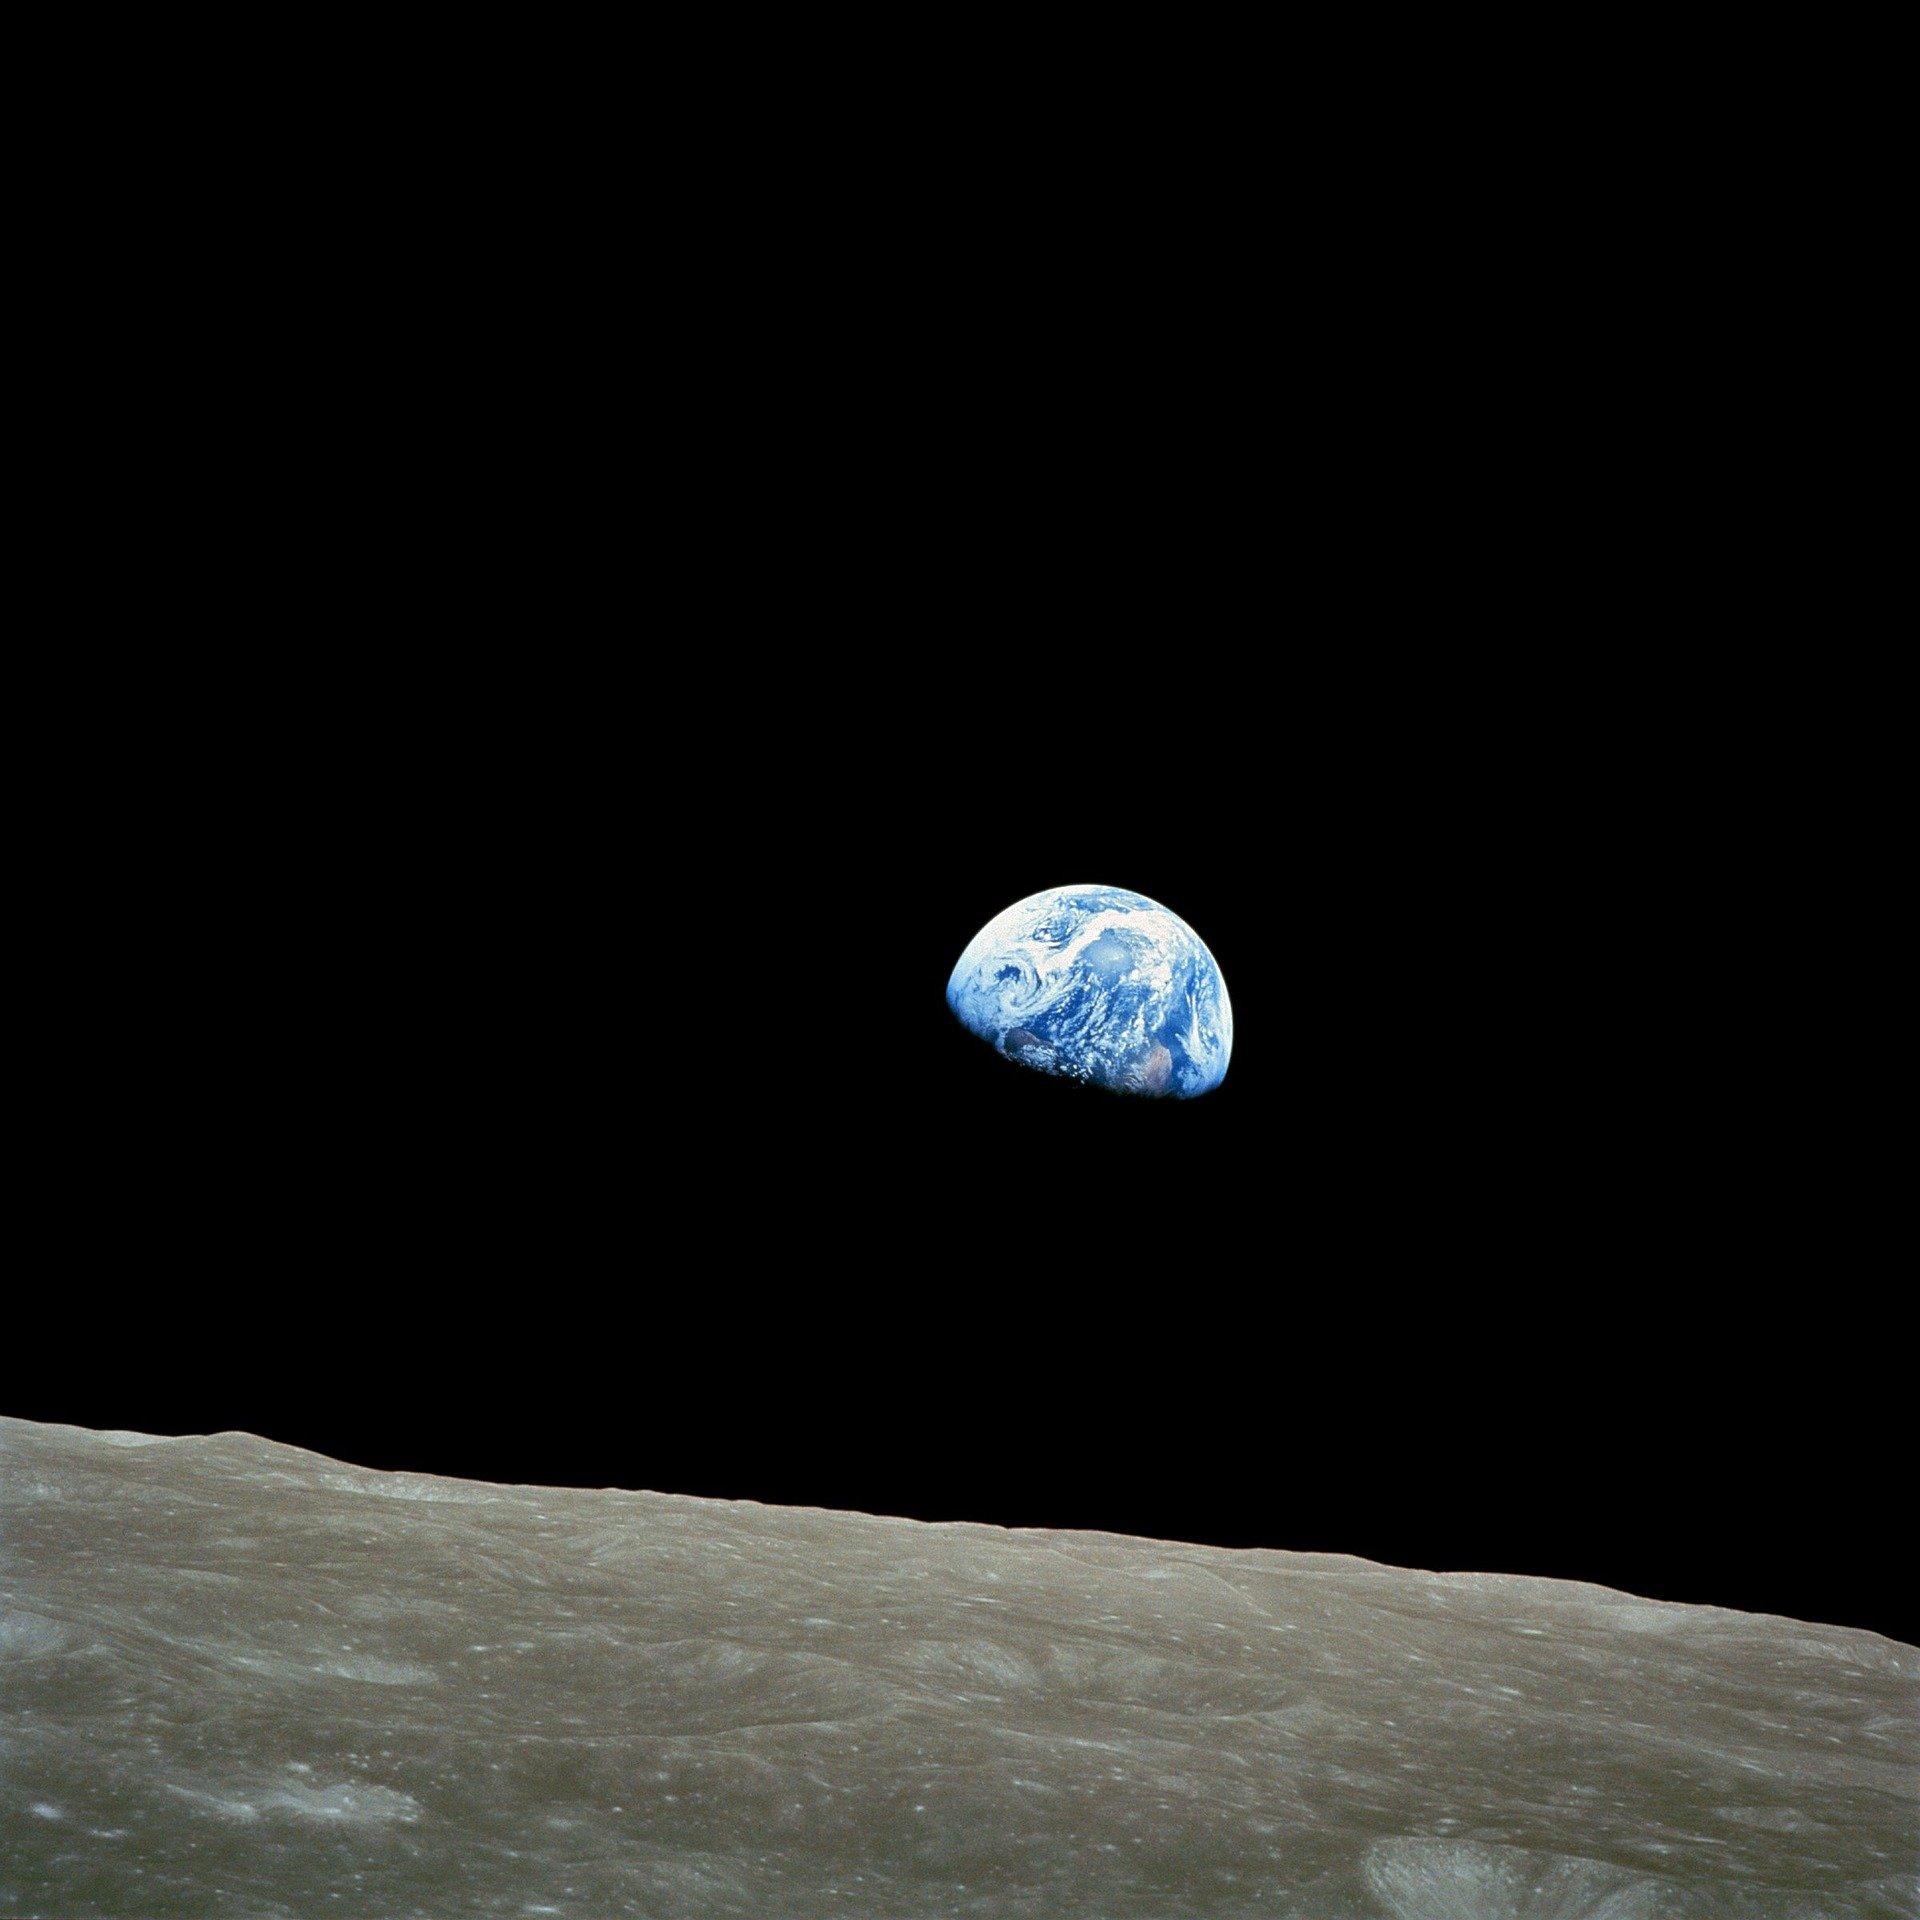 earth-11014_1920